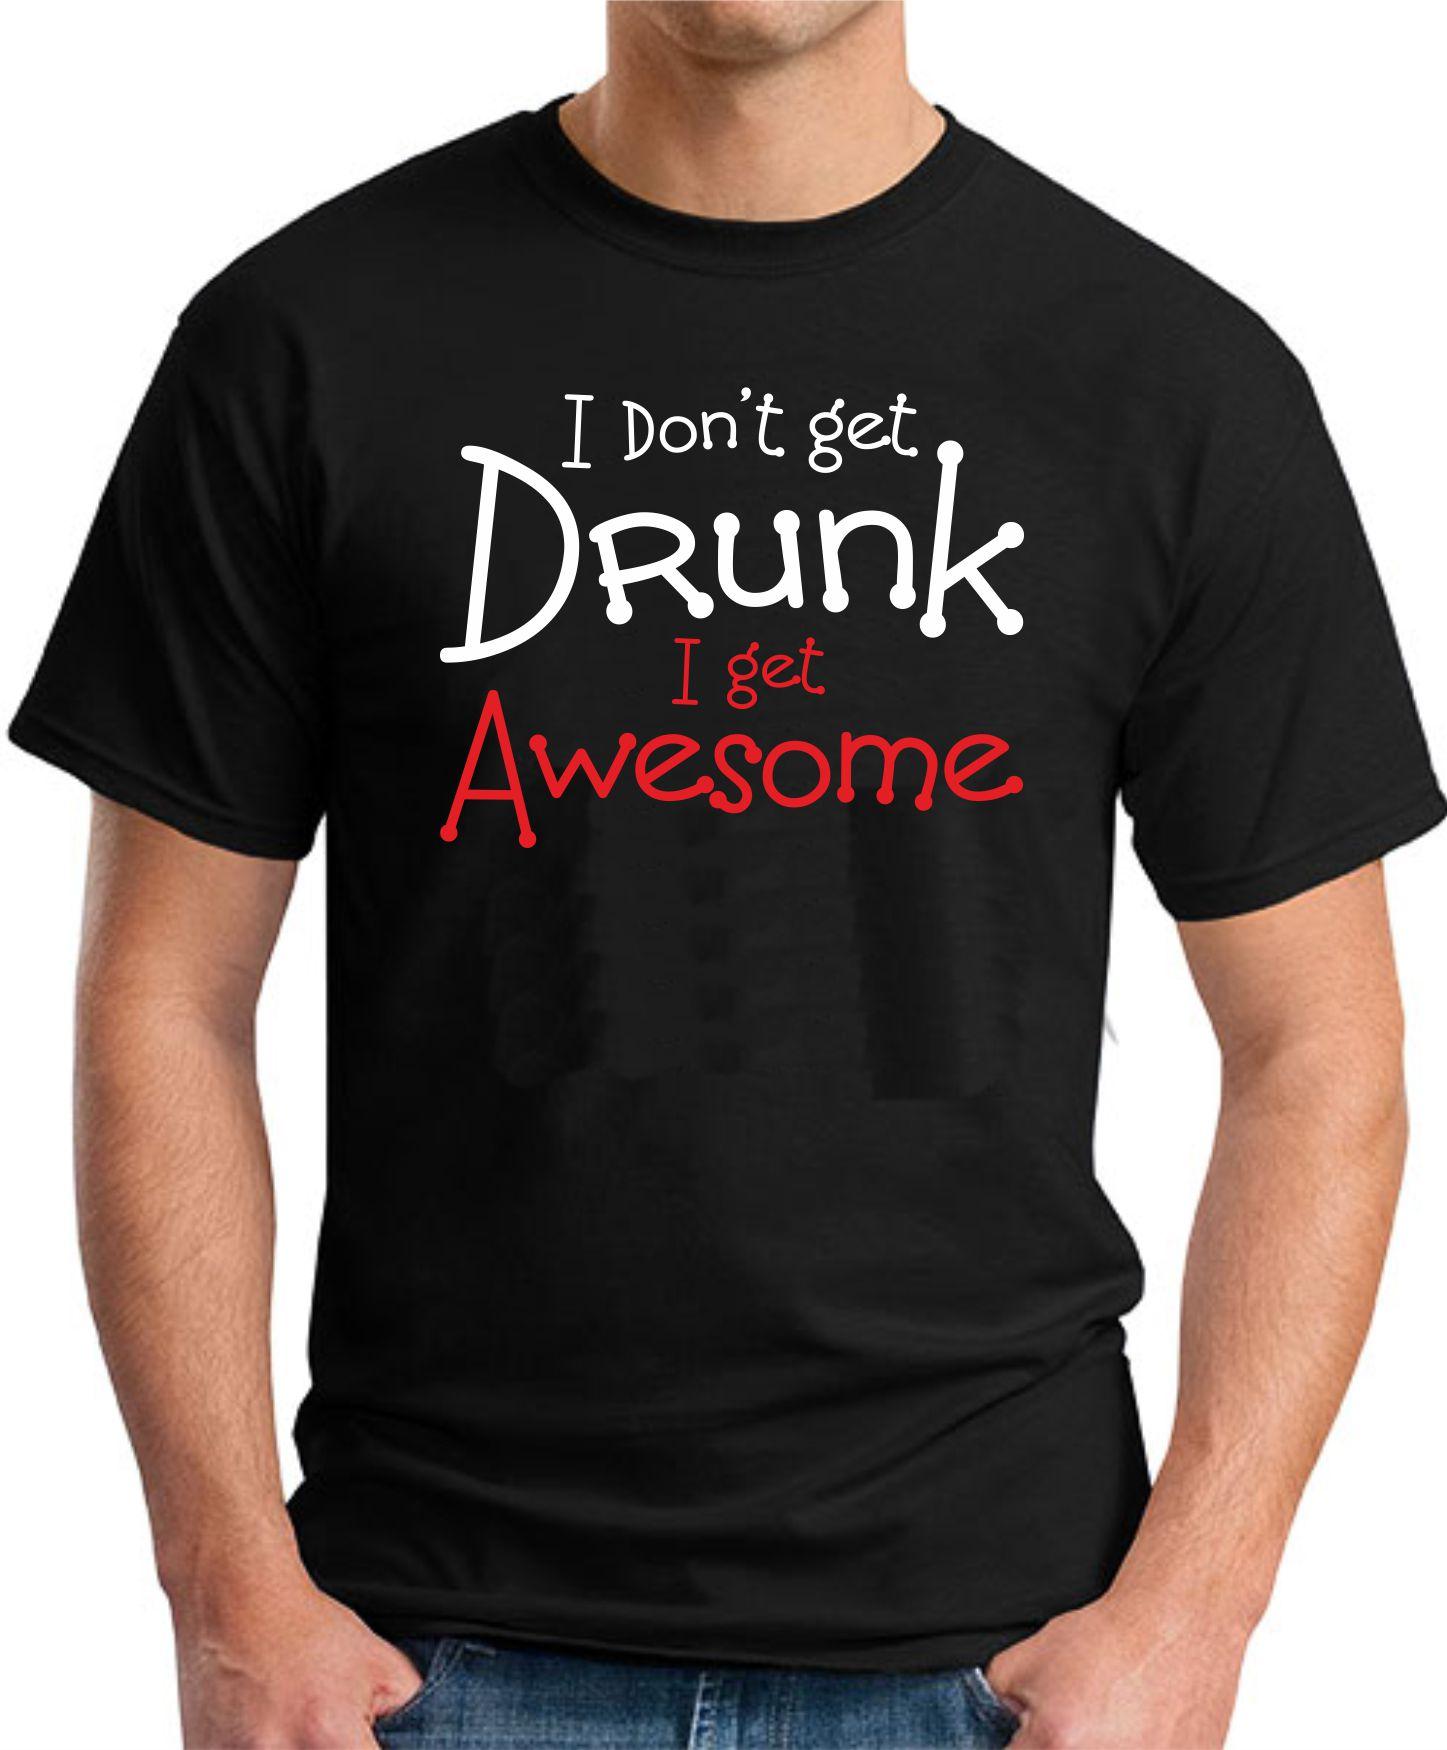 I DON'T GET DRUNK I GET AWESOME BLACK